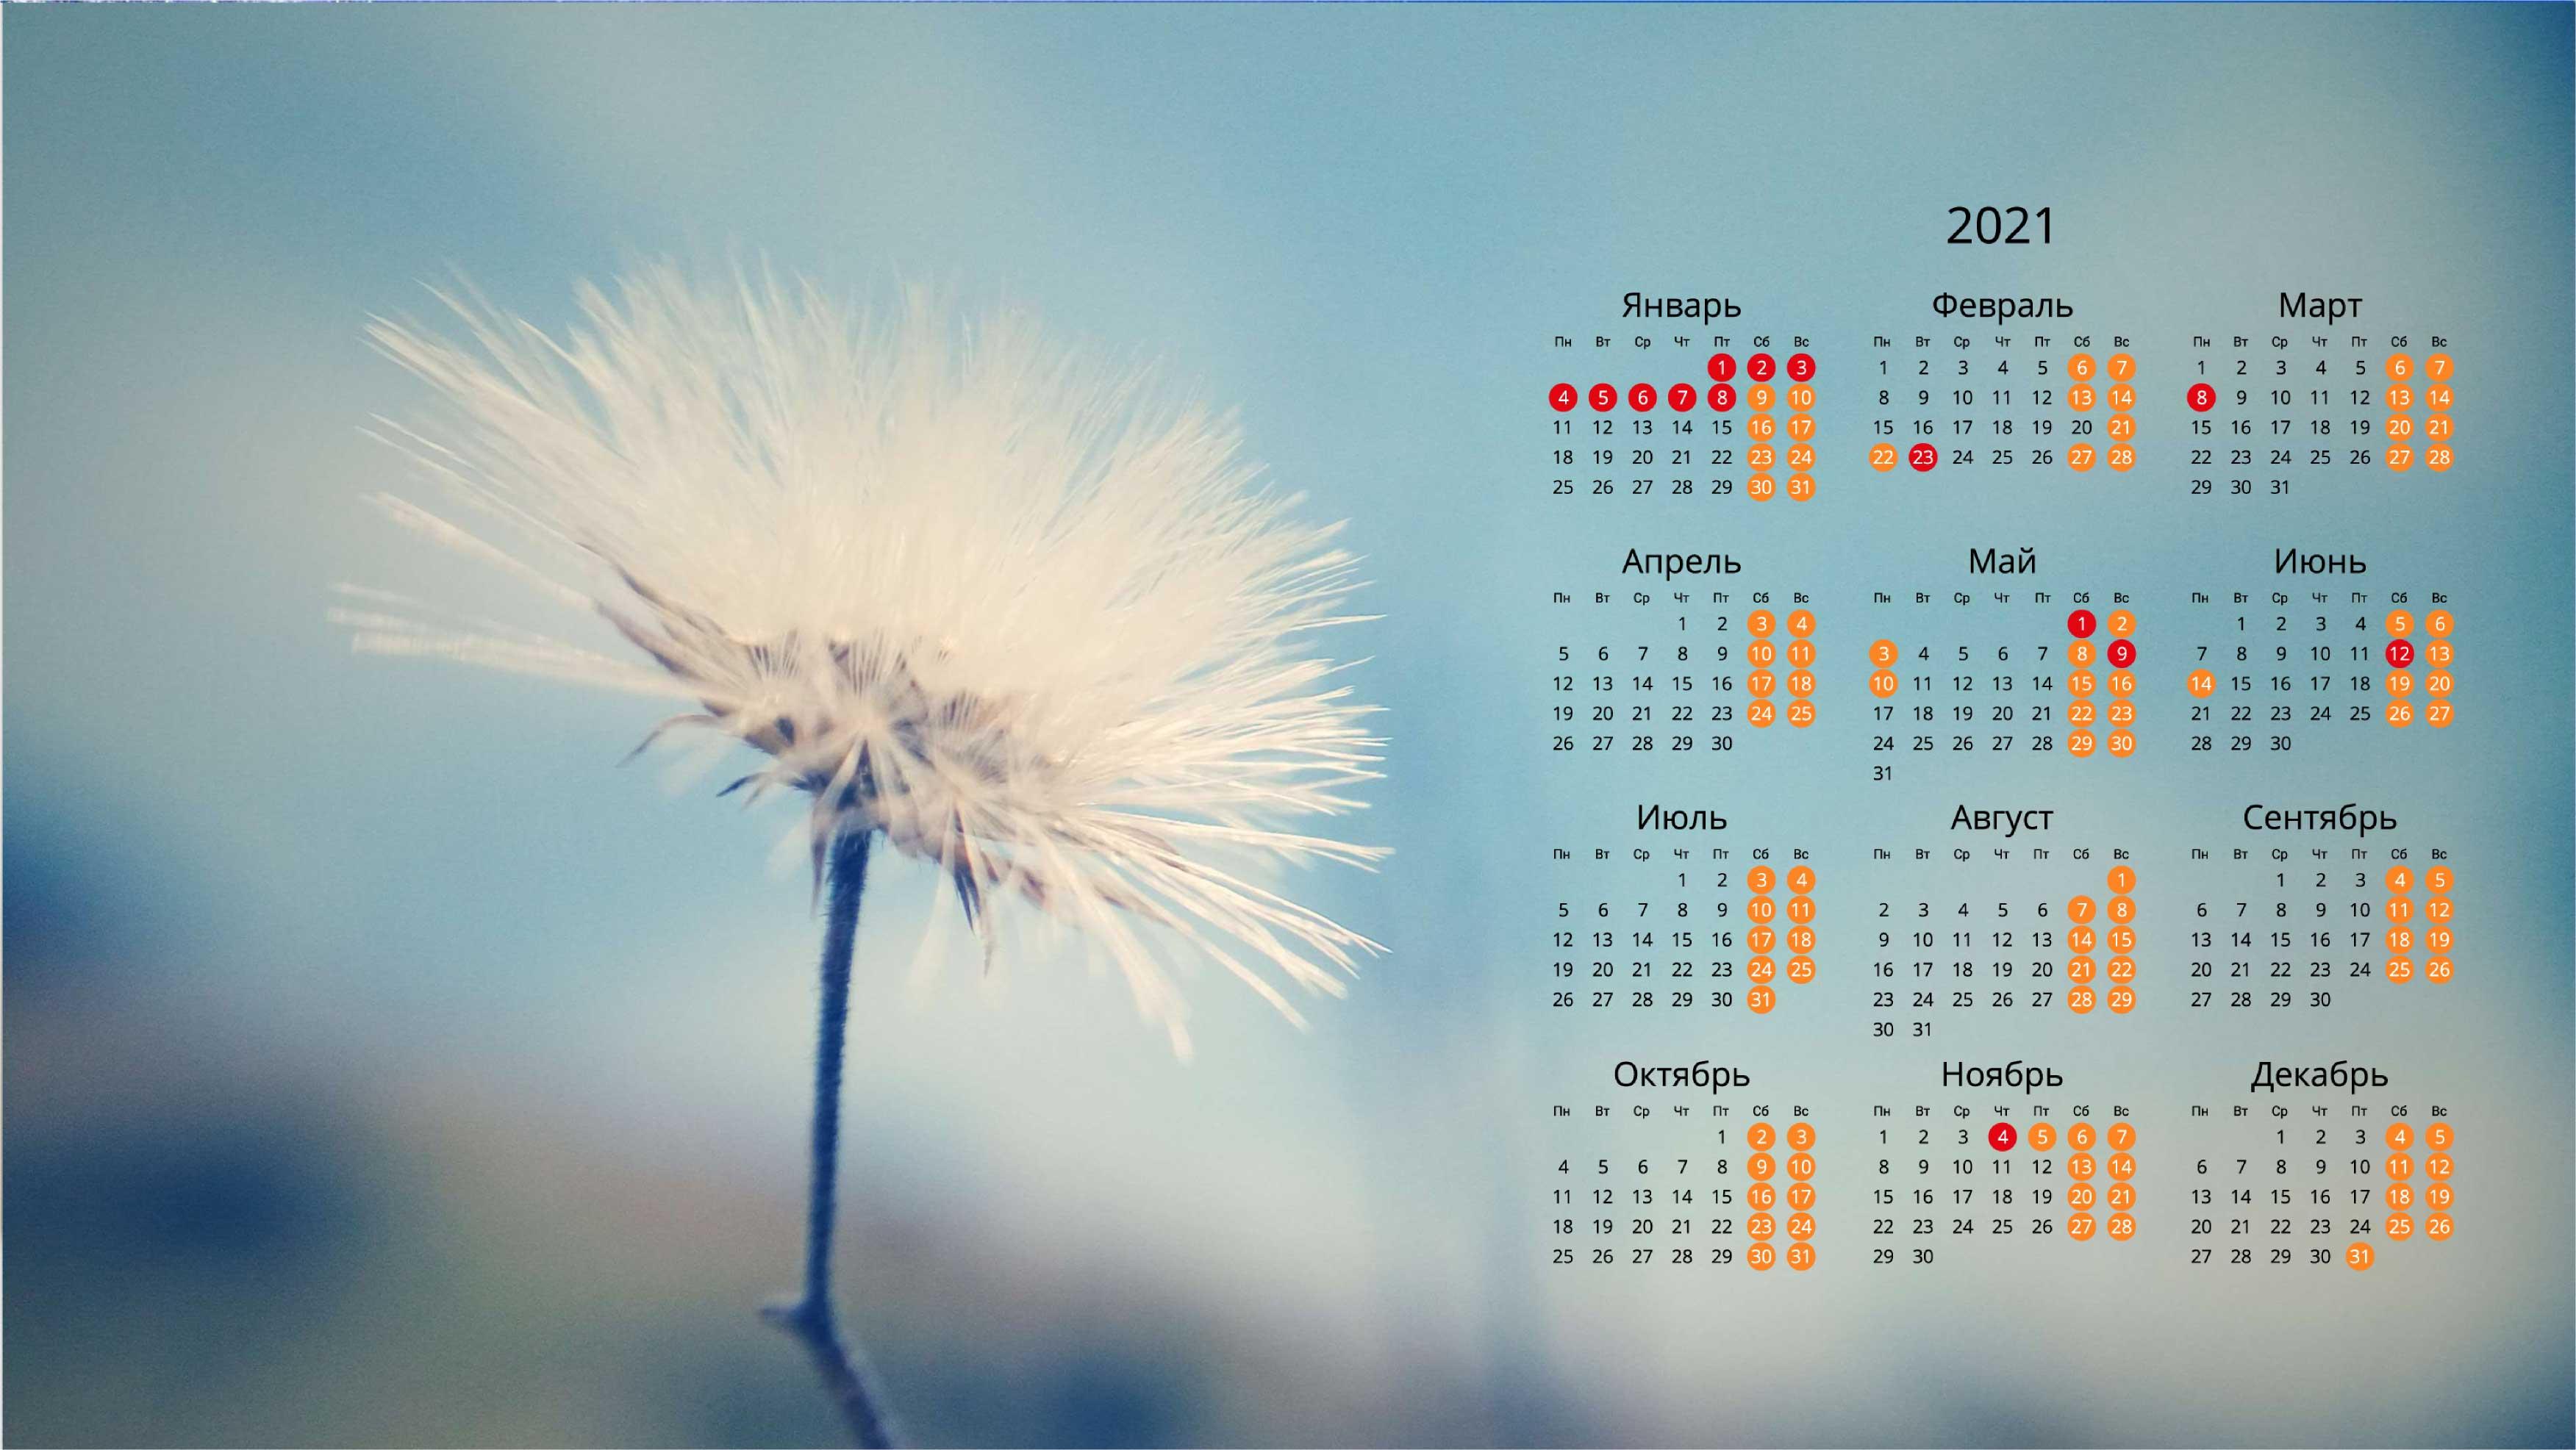 Обои на рабочий стол с календарем 2021 года (20)